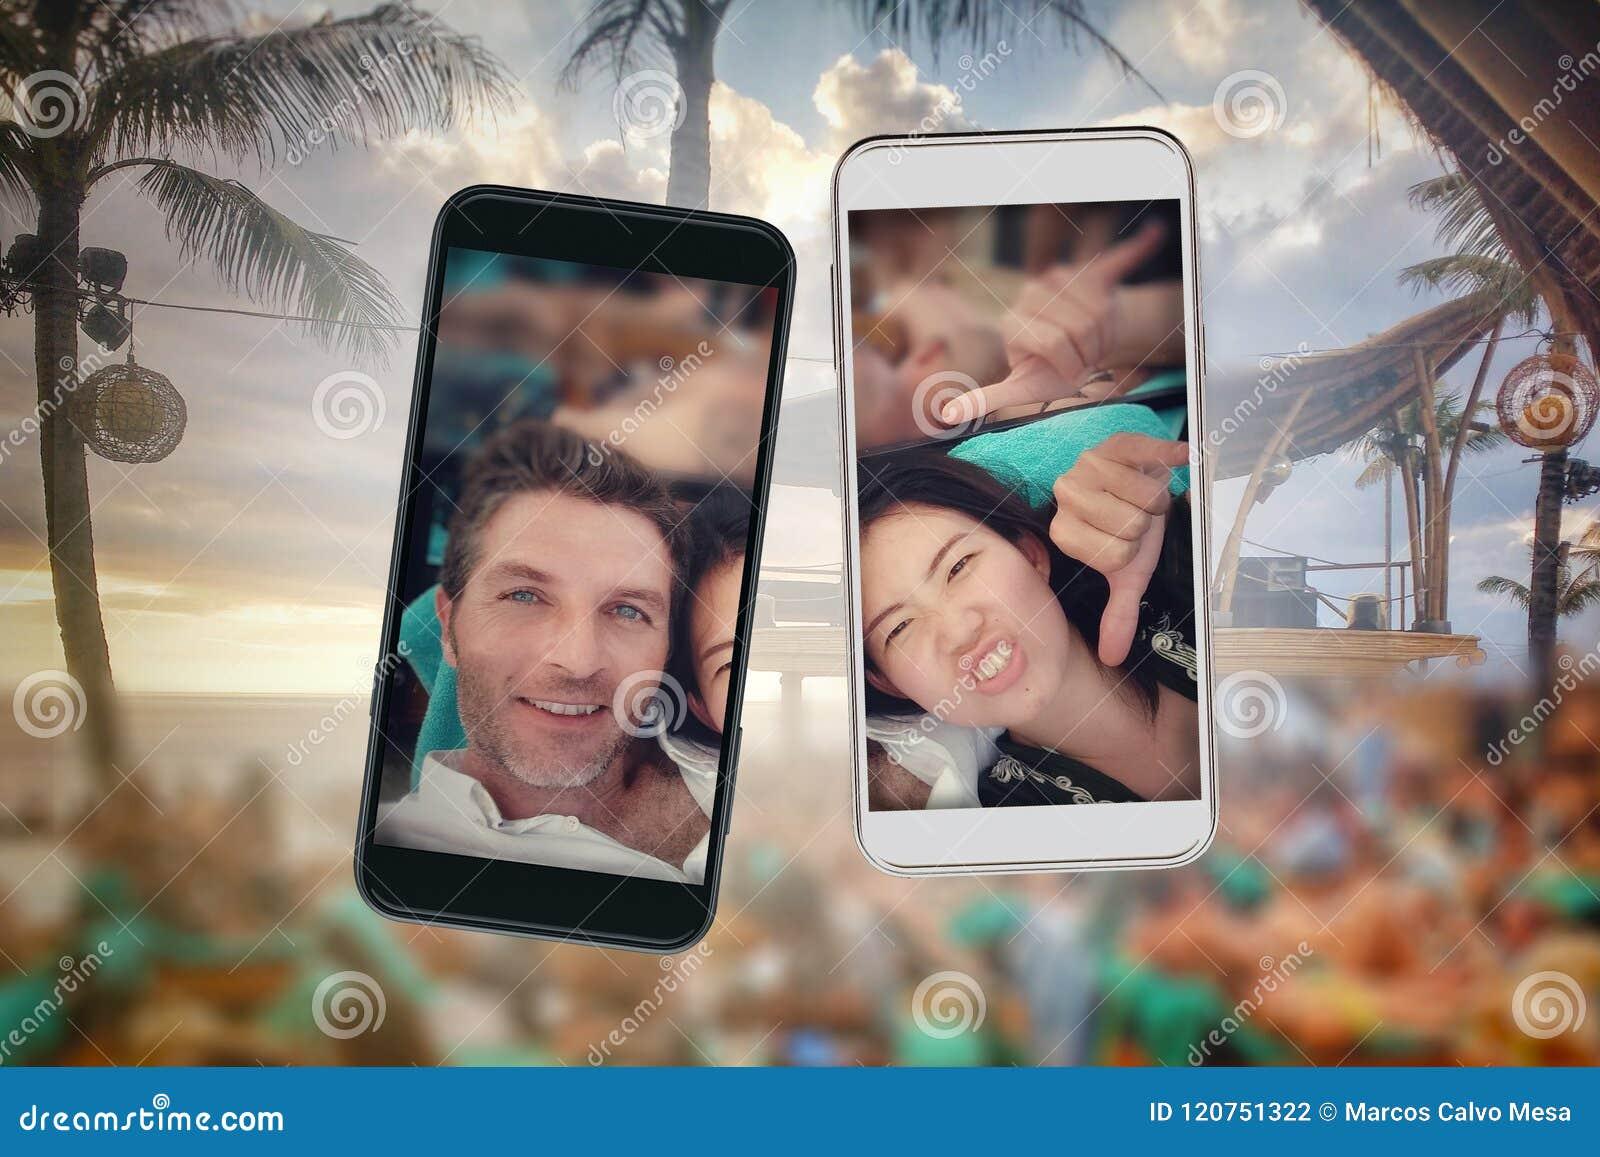 Смесь молодых пар красивой и счастливой смешанной этничности азиатских и кавказских и мобильных телефонов в pic selfie влюбленнос